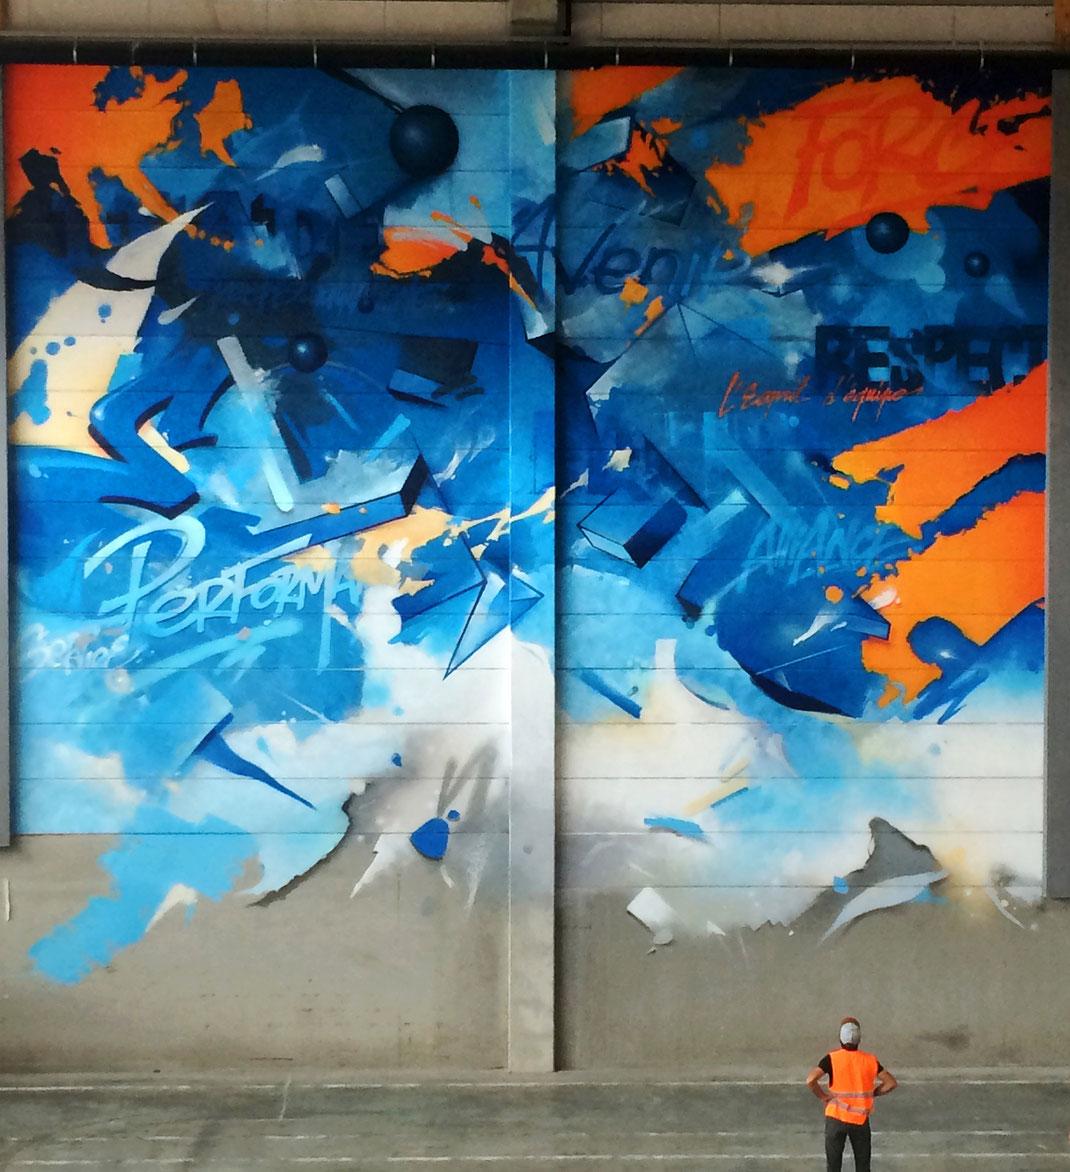 ART, STREET ART, CONCARNEAU, BORDEAUX, AQUITAINE, GRAFFITI, PEINTURE, ABSTRACTION LYRIQUE, BLEU, art mural fondation Leclerc